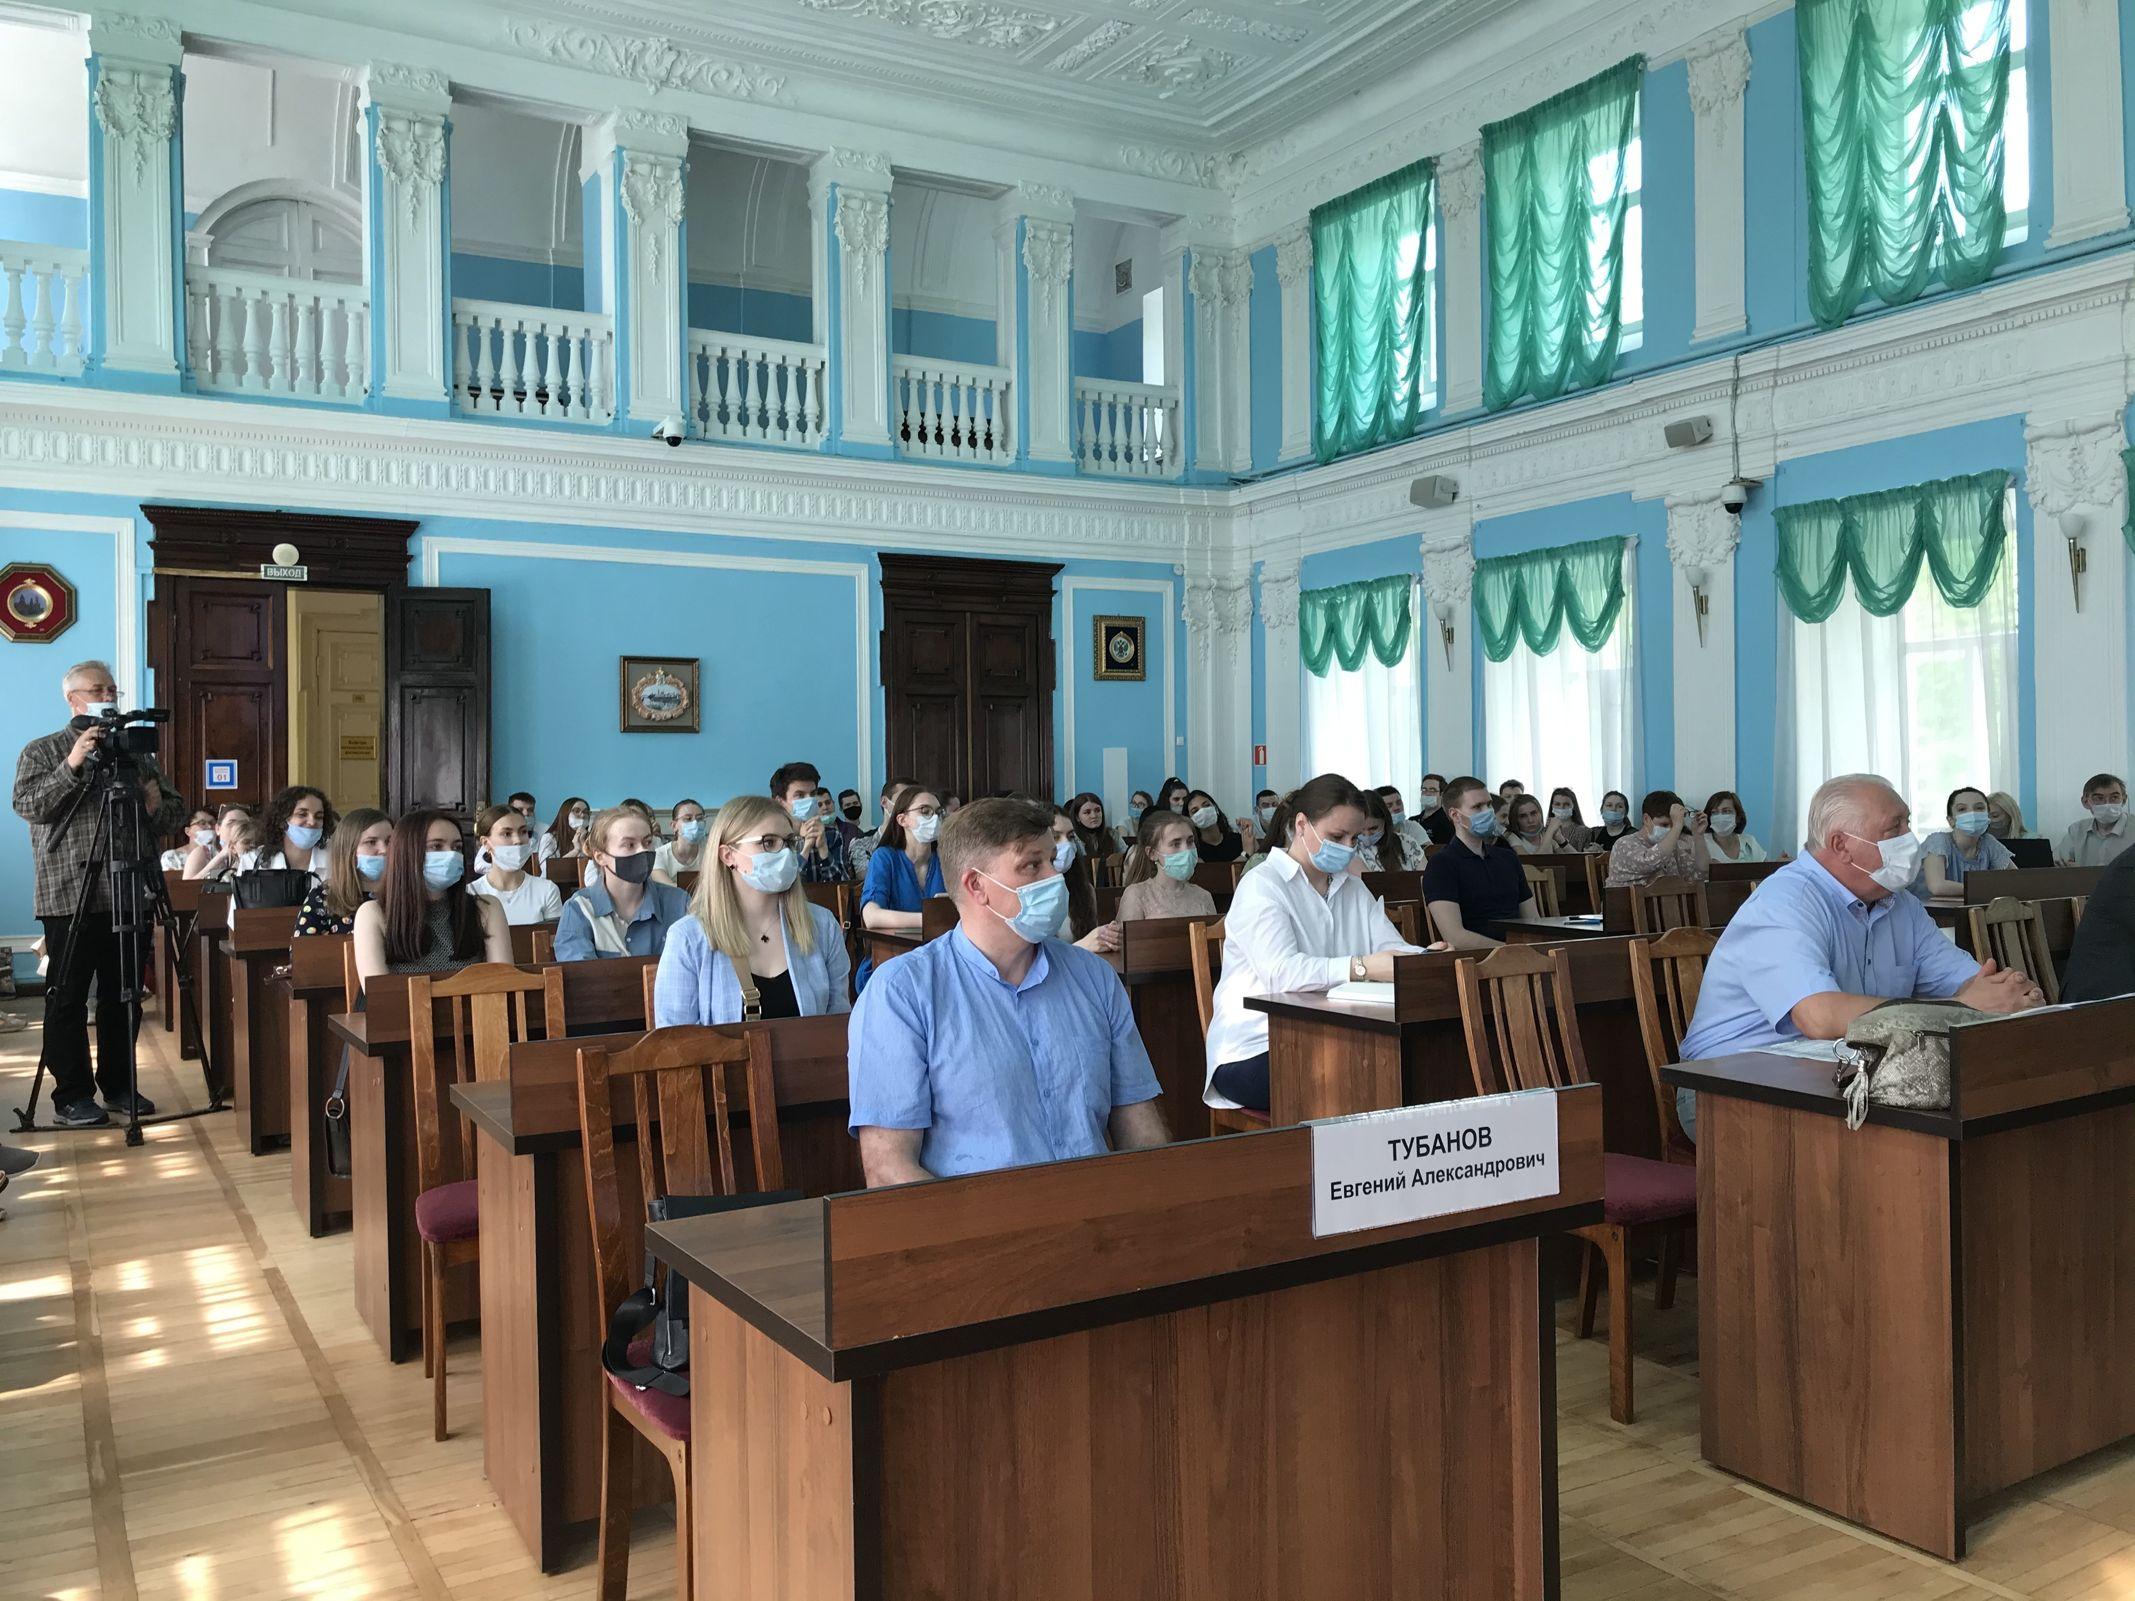 Более 100 вакансий открыли в Ярославской области для молодых врачей